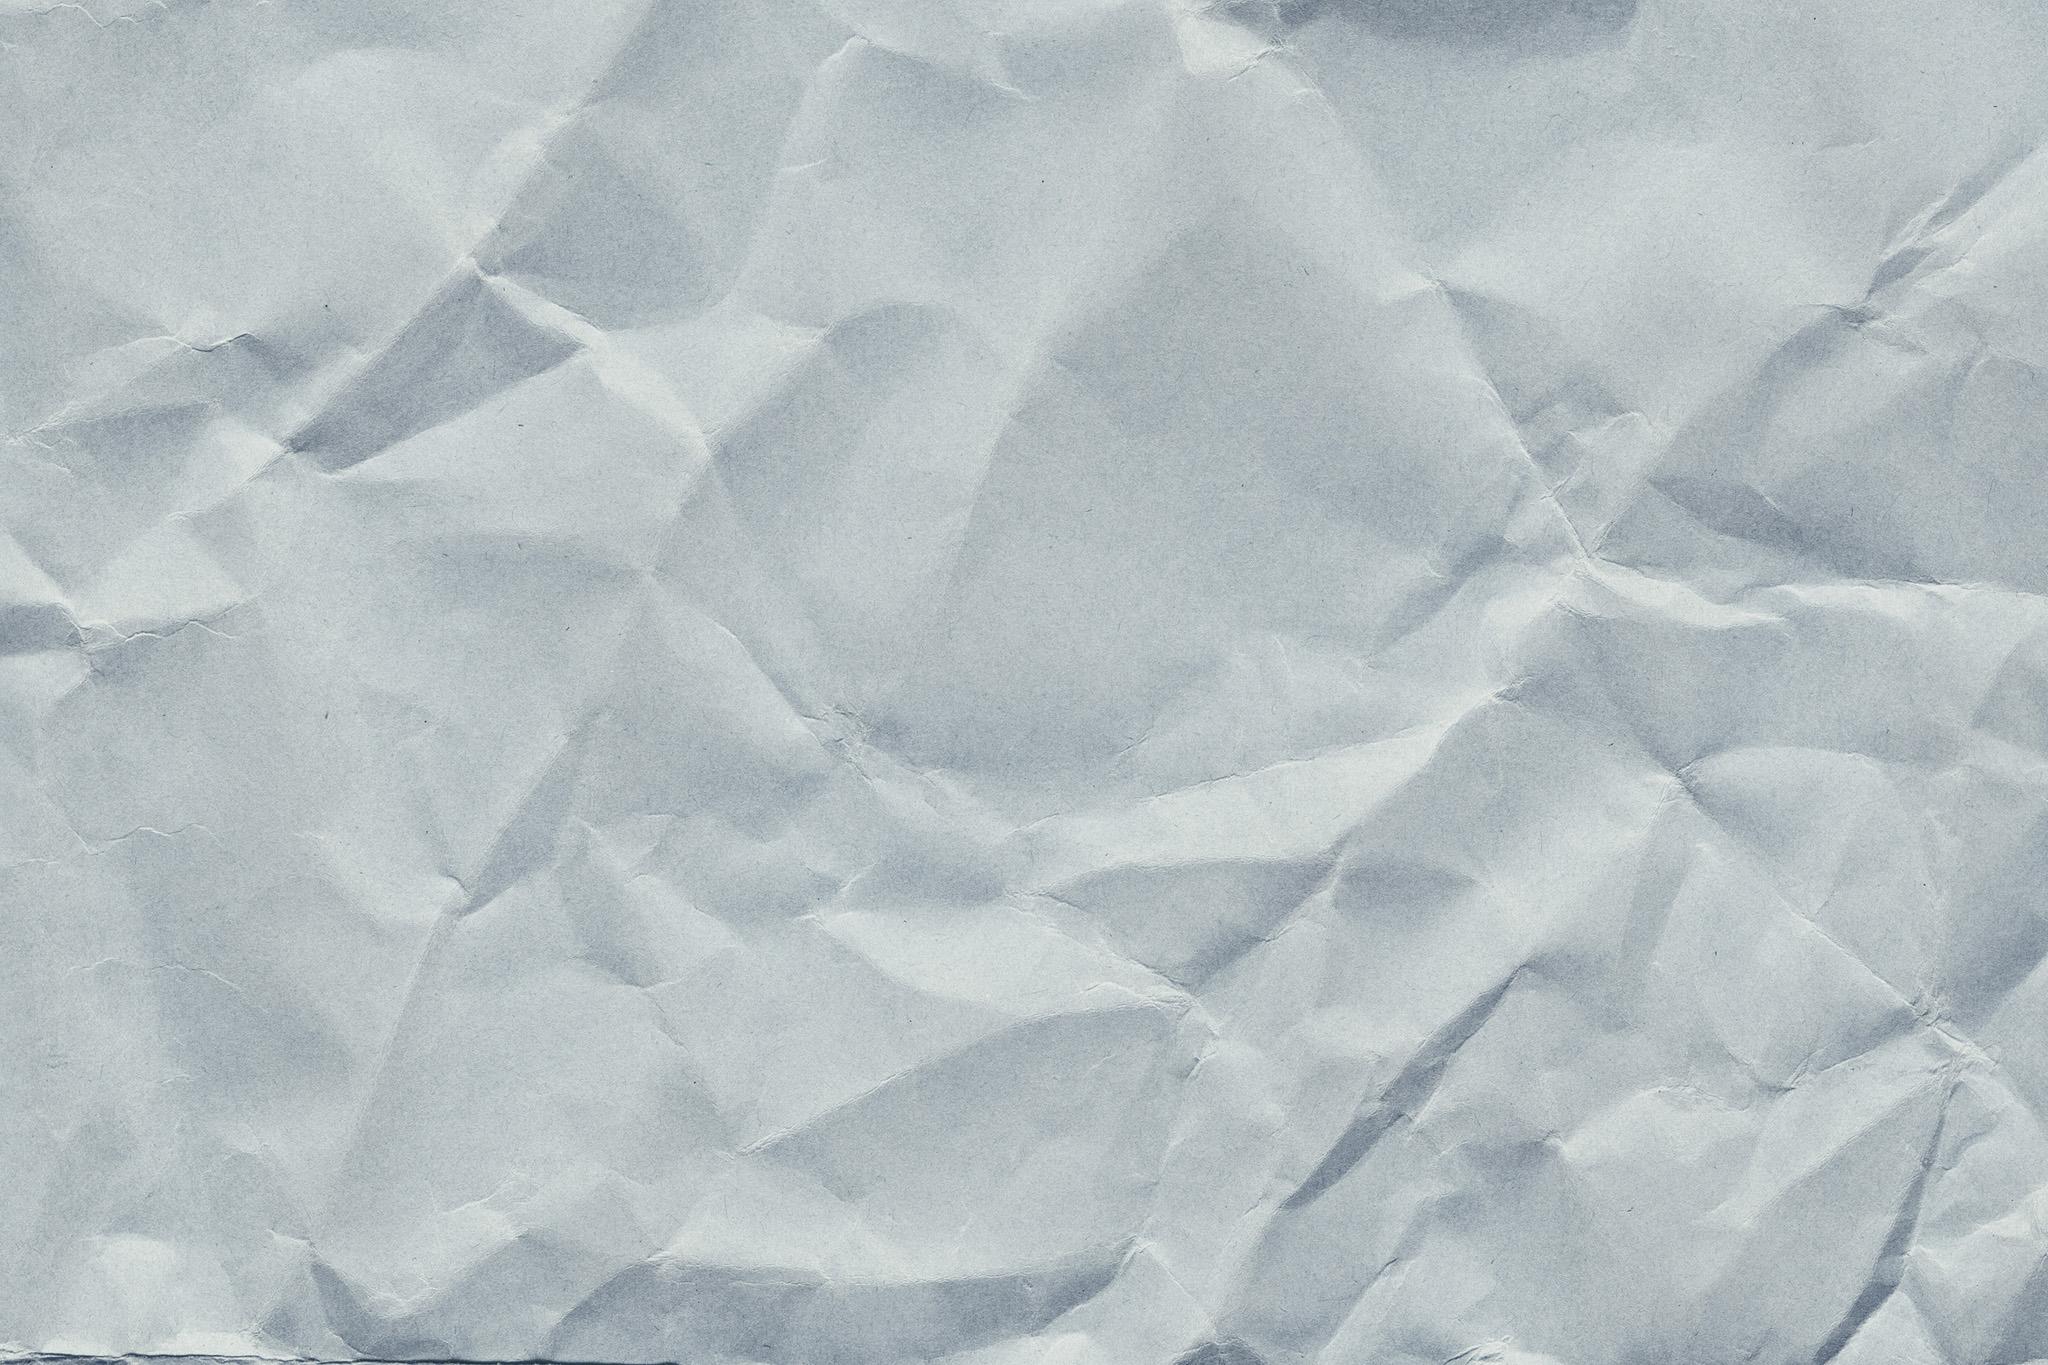 「グレーの厚手紙のシワ」の素材を無料ダウンロード